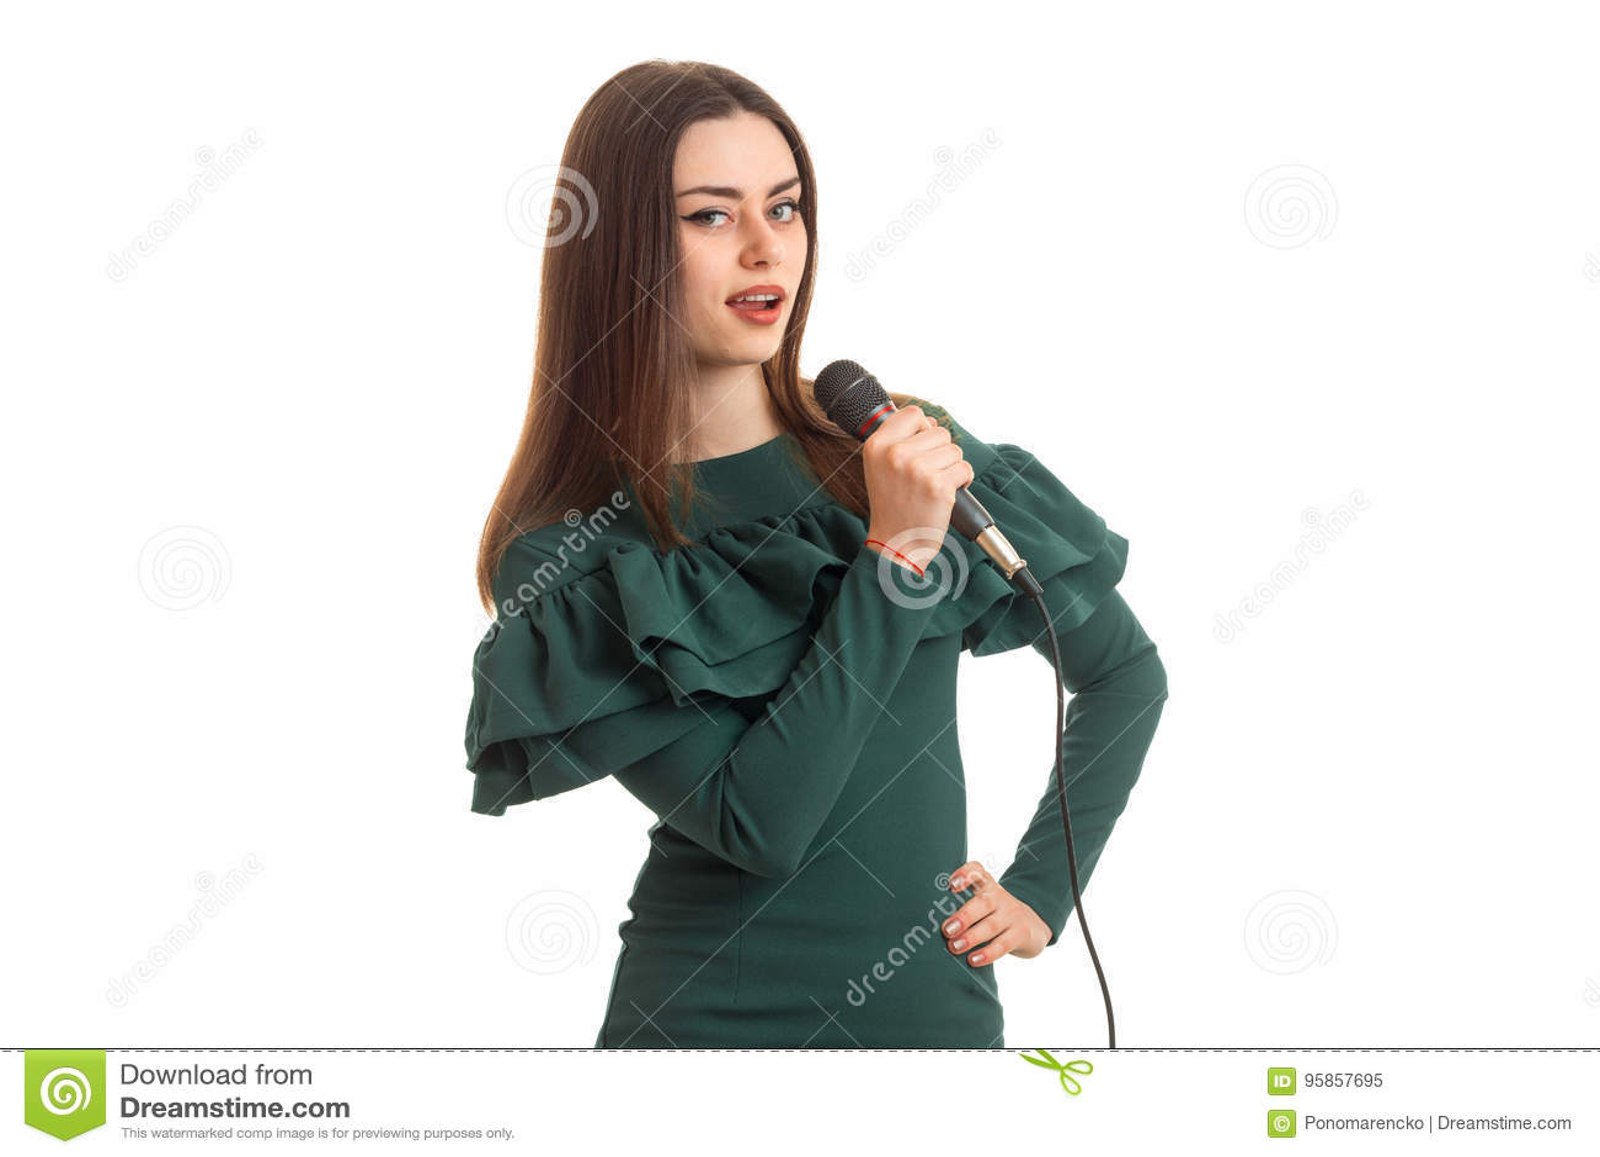 Bastante Del Vestido Canto Joven En Verde La Mujer Con Canción SUMqzpV